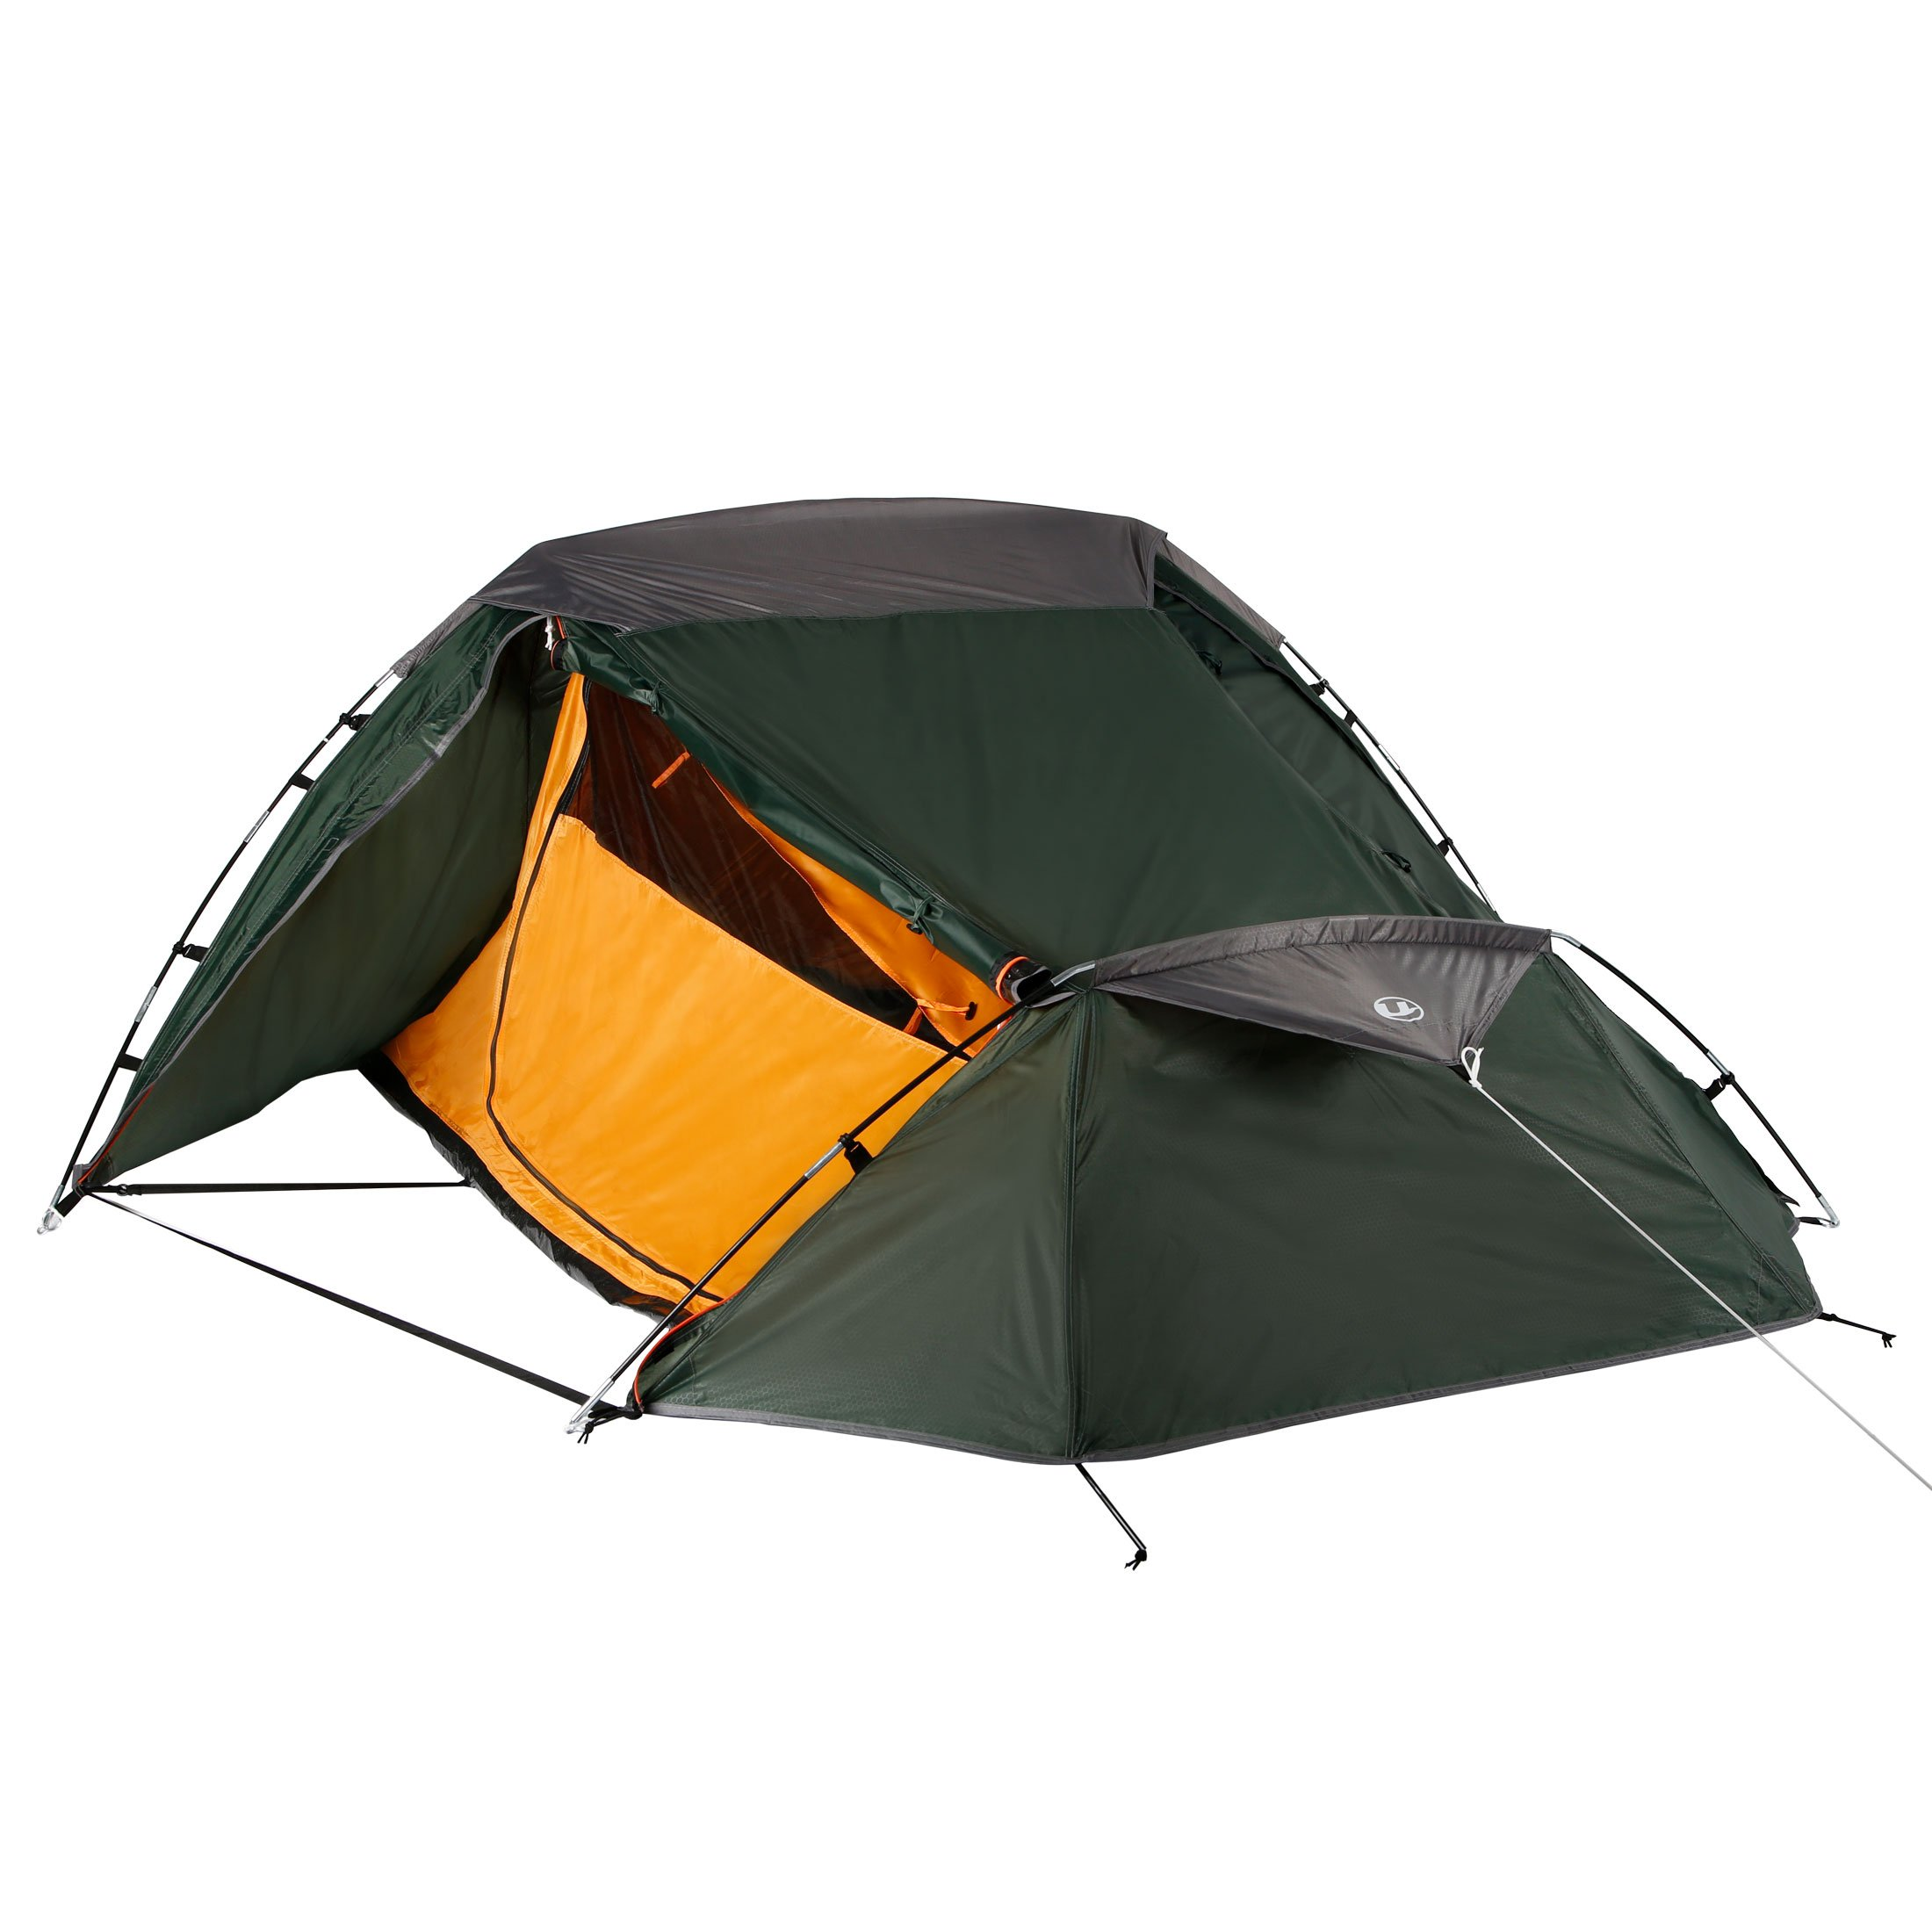 Ultrasport Campingzelt ideales Zelt für Festival, Camping und Trekking, Lieferu